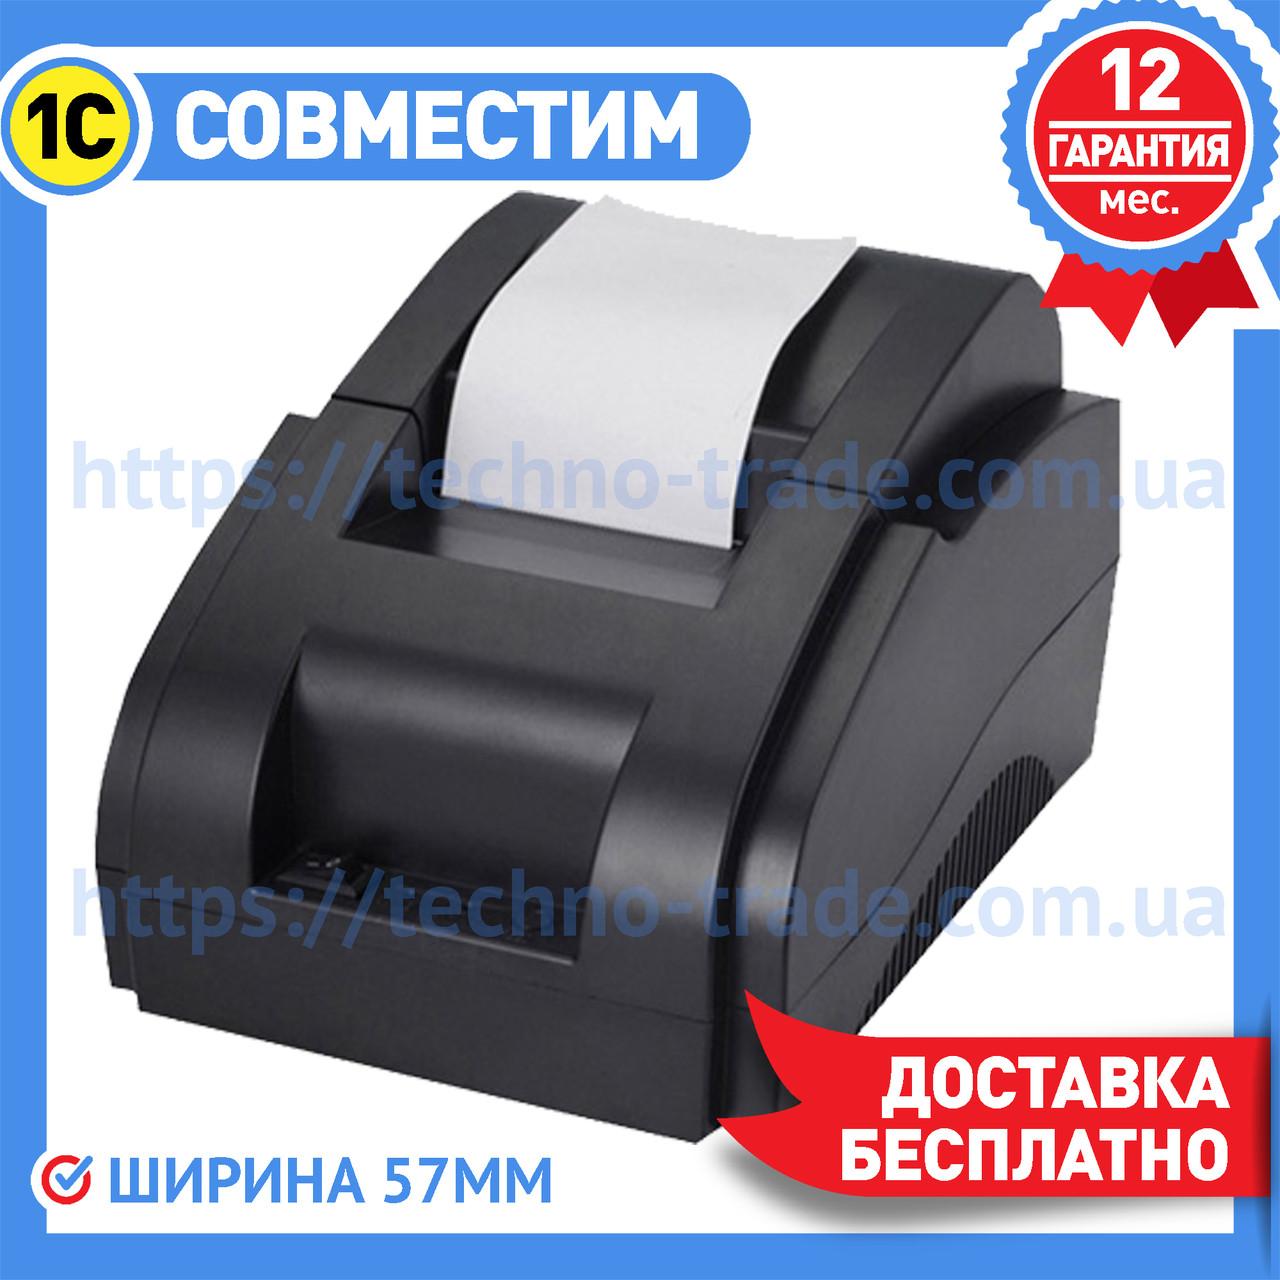 Принтер для чеков JP-5890k pos usb 1с Высокая надежность!